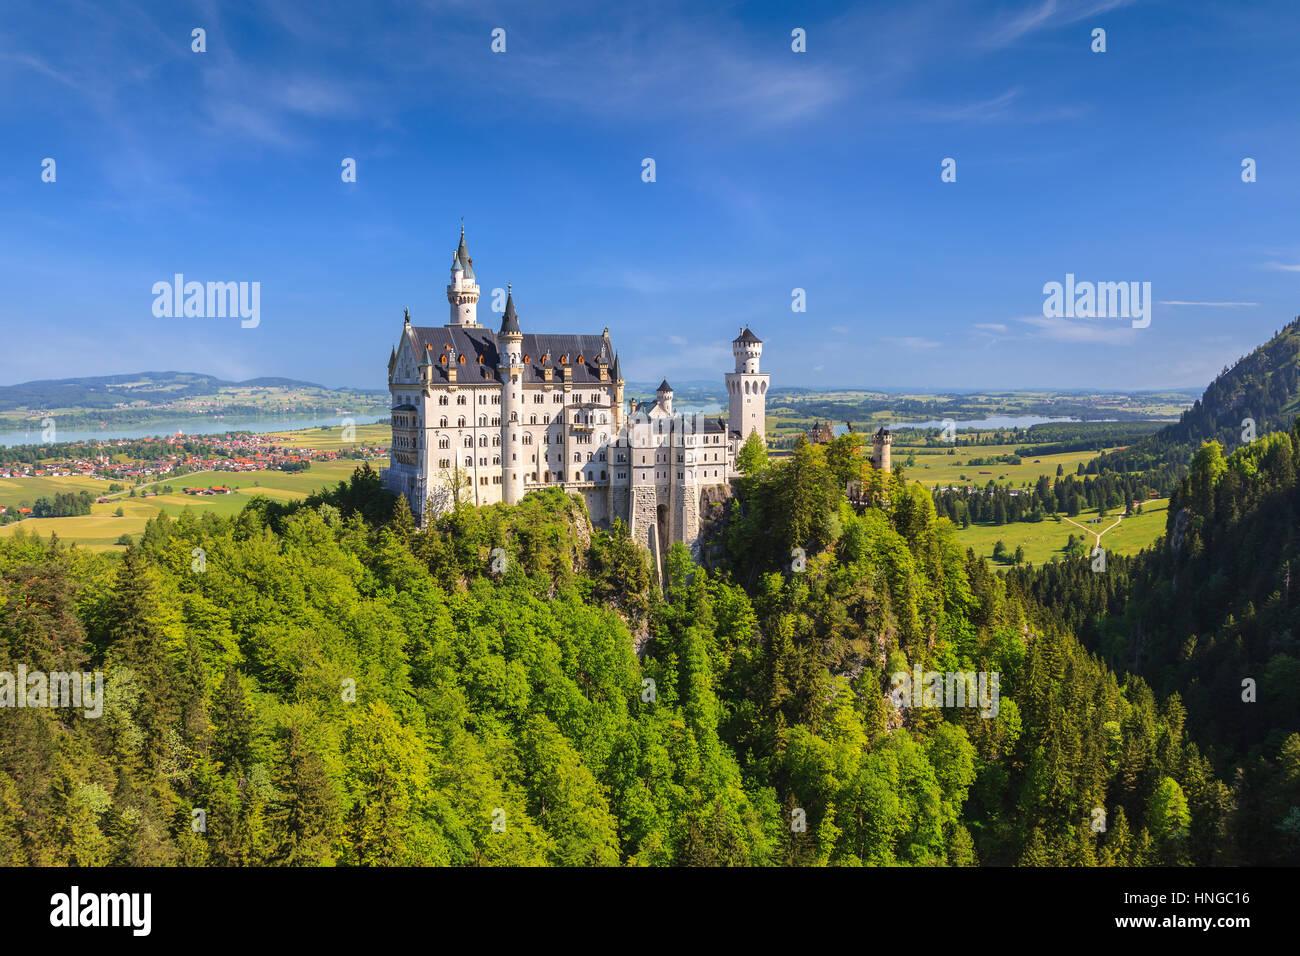 Sommer-Blick auf das Schloss Neuschwanstein, Füssen, Bayern, Deutschland Stockbild